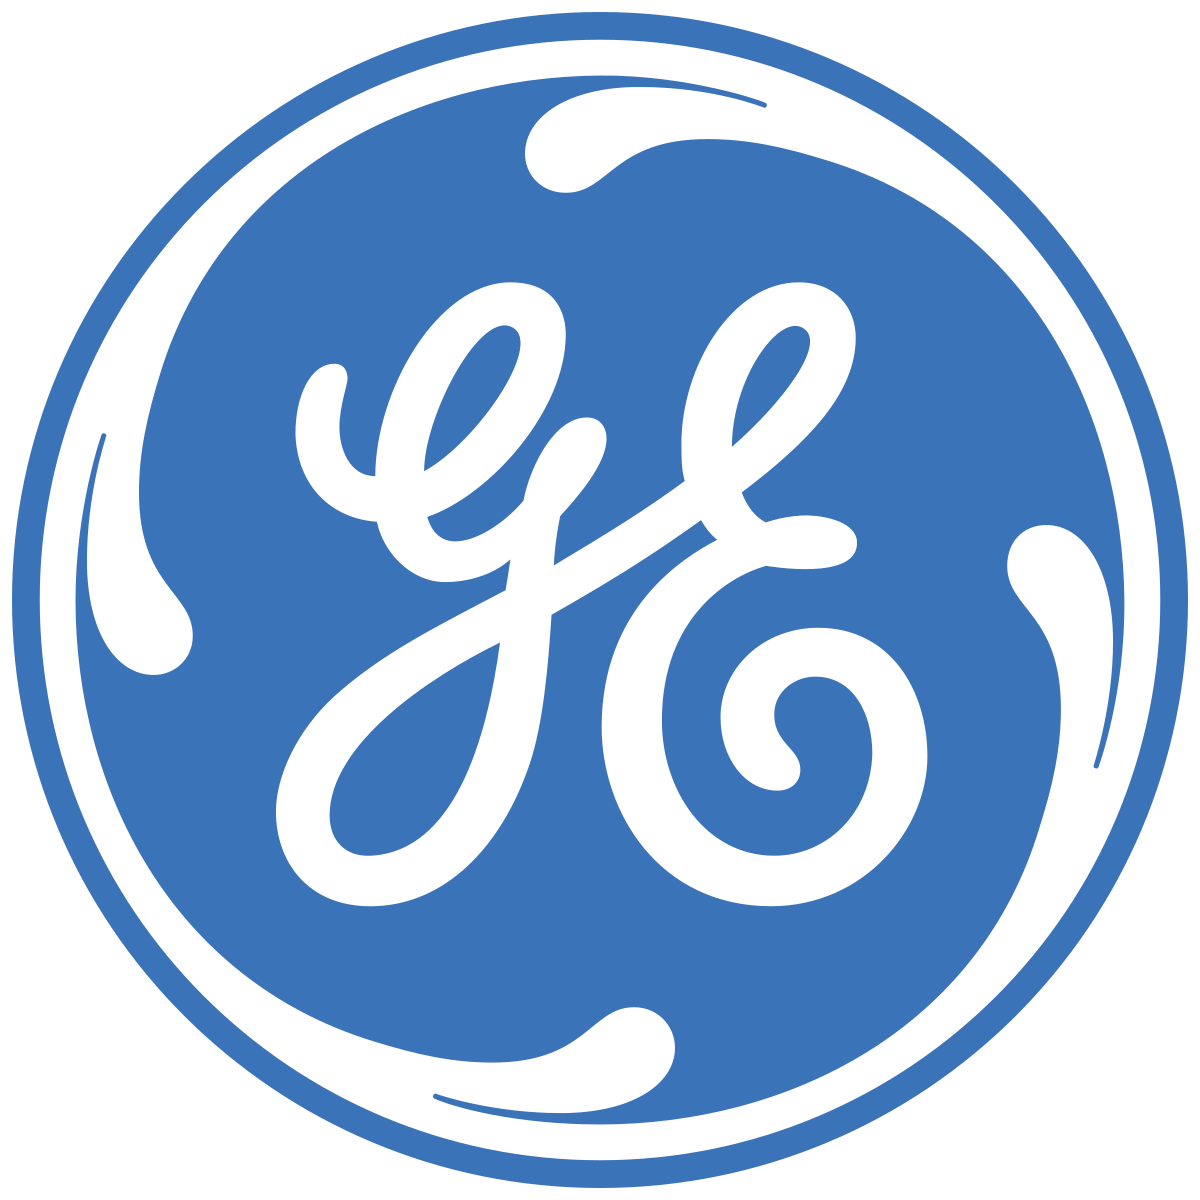 GE assina contrato de US$ 300 milhões para aperfeiçoar inspeções de manutenção de usinas da Petrobras no Brasil